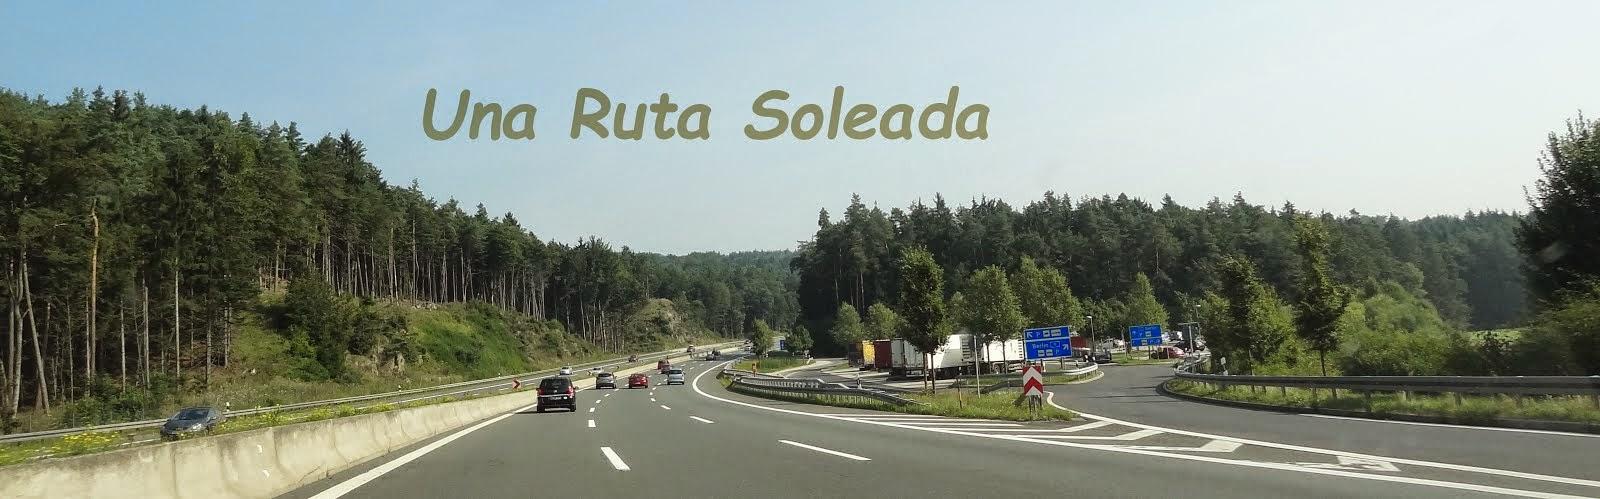 Ruta Soleada